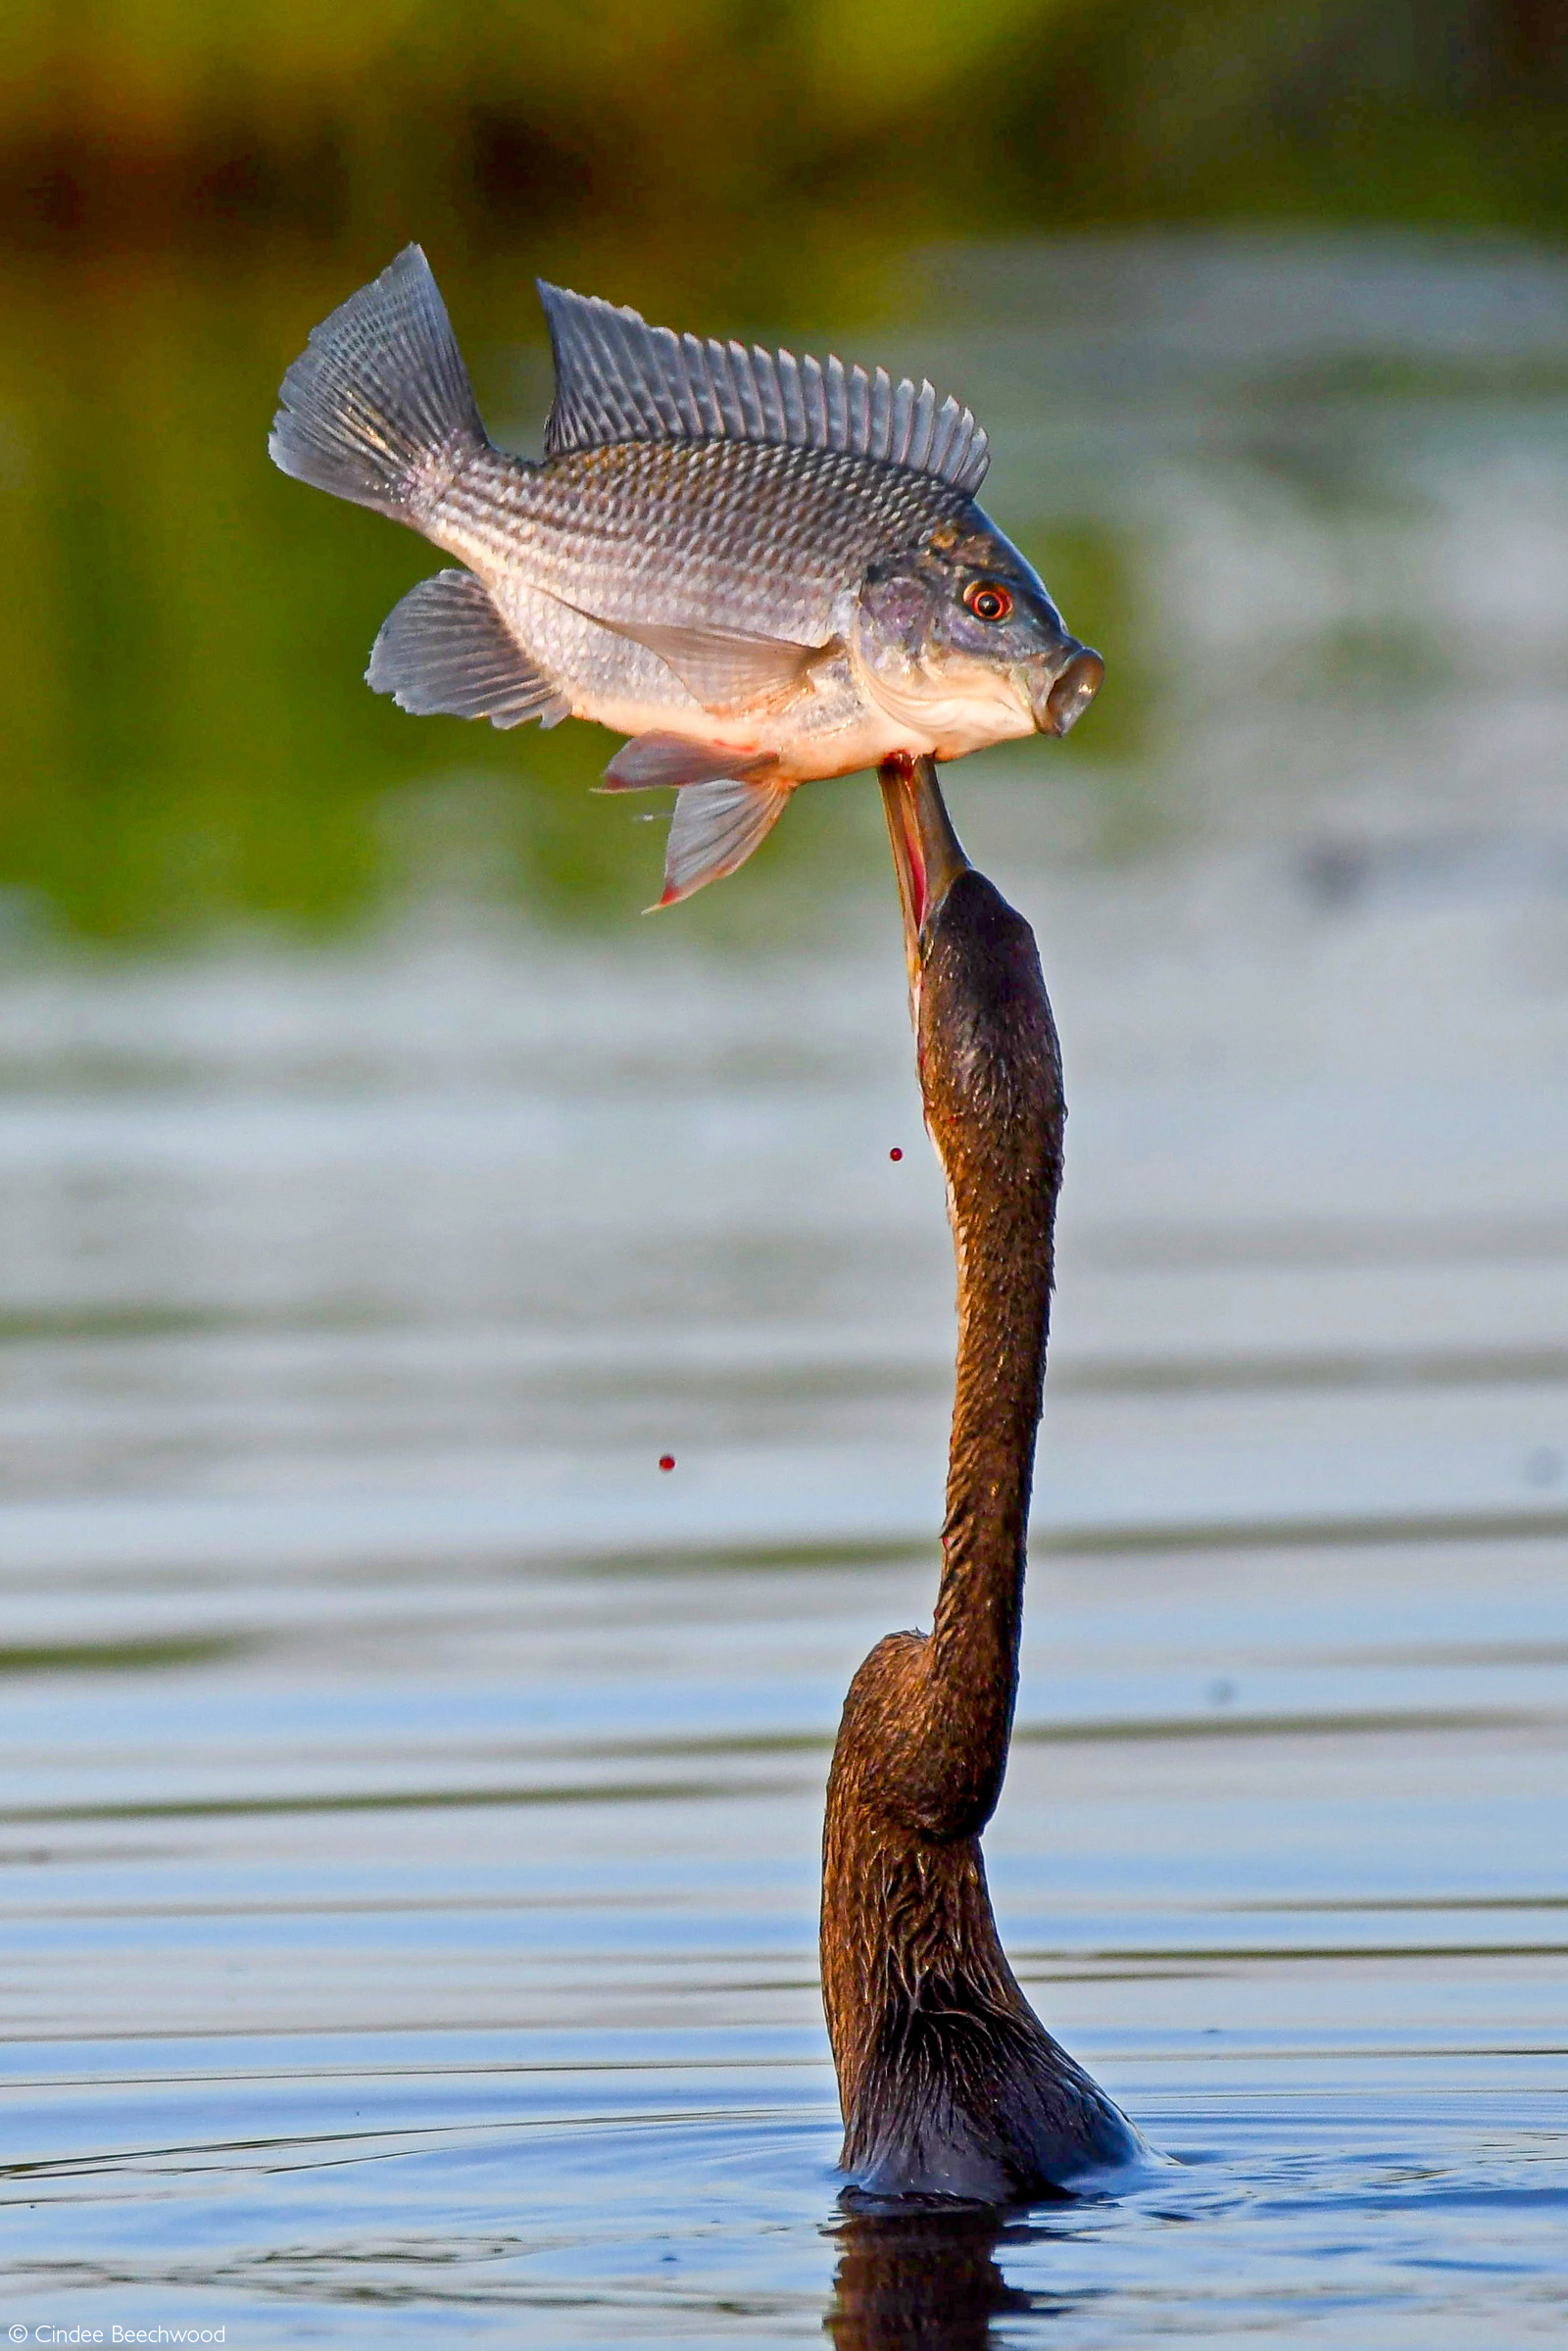 An African darter catches a fish. Chobe National Park, Botswana © Cindee Beechwood